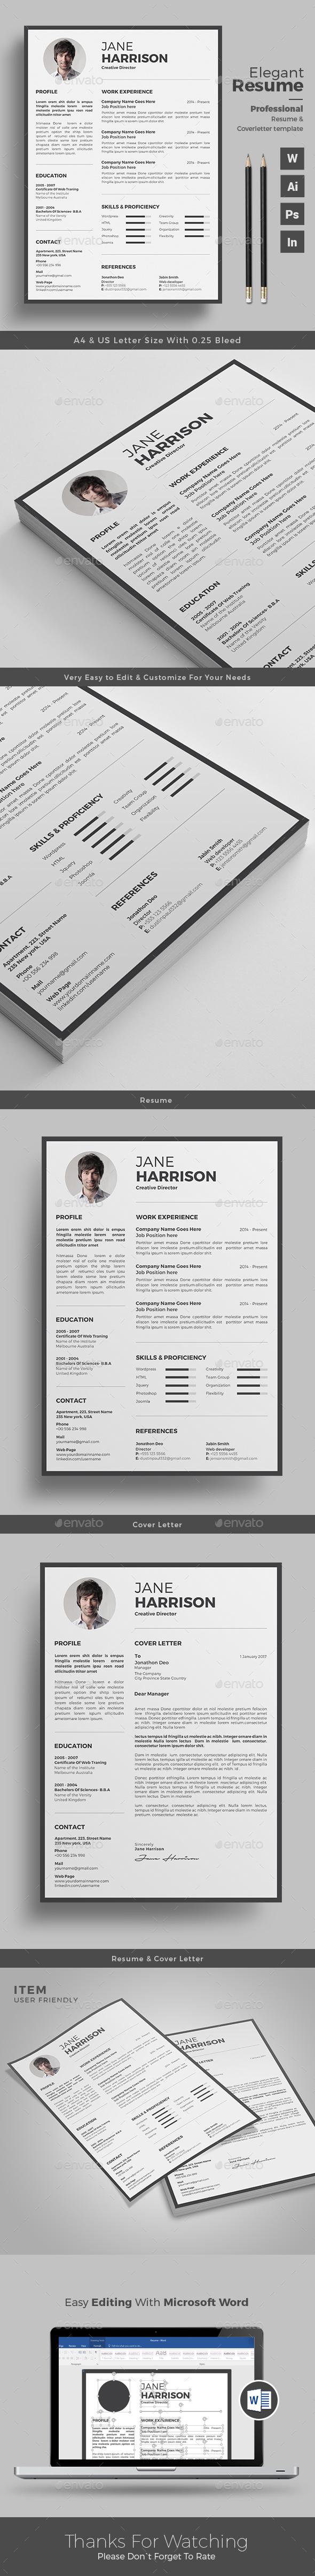 Clean Resume/CV